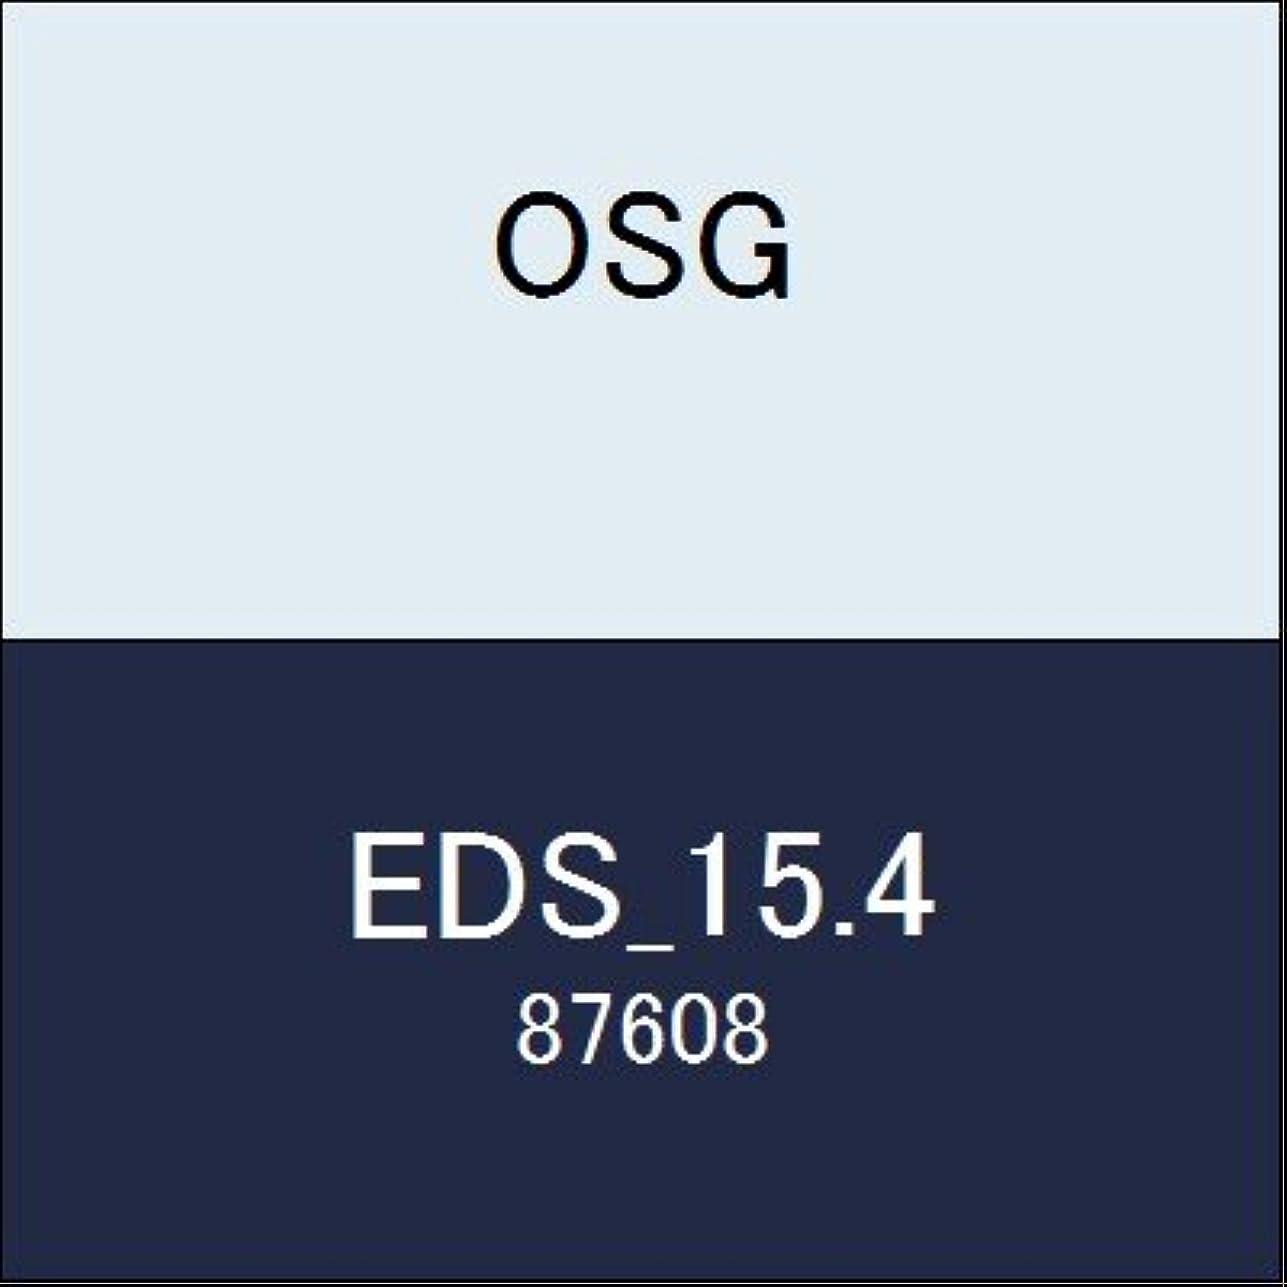 横頑張るこだわりOSG エンドミル EDS_15.4 商品番号 87608